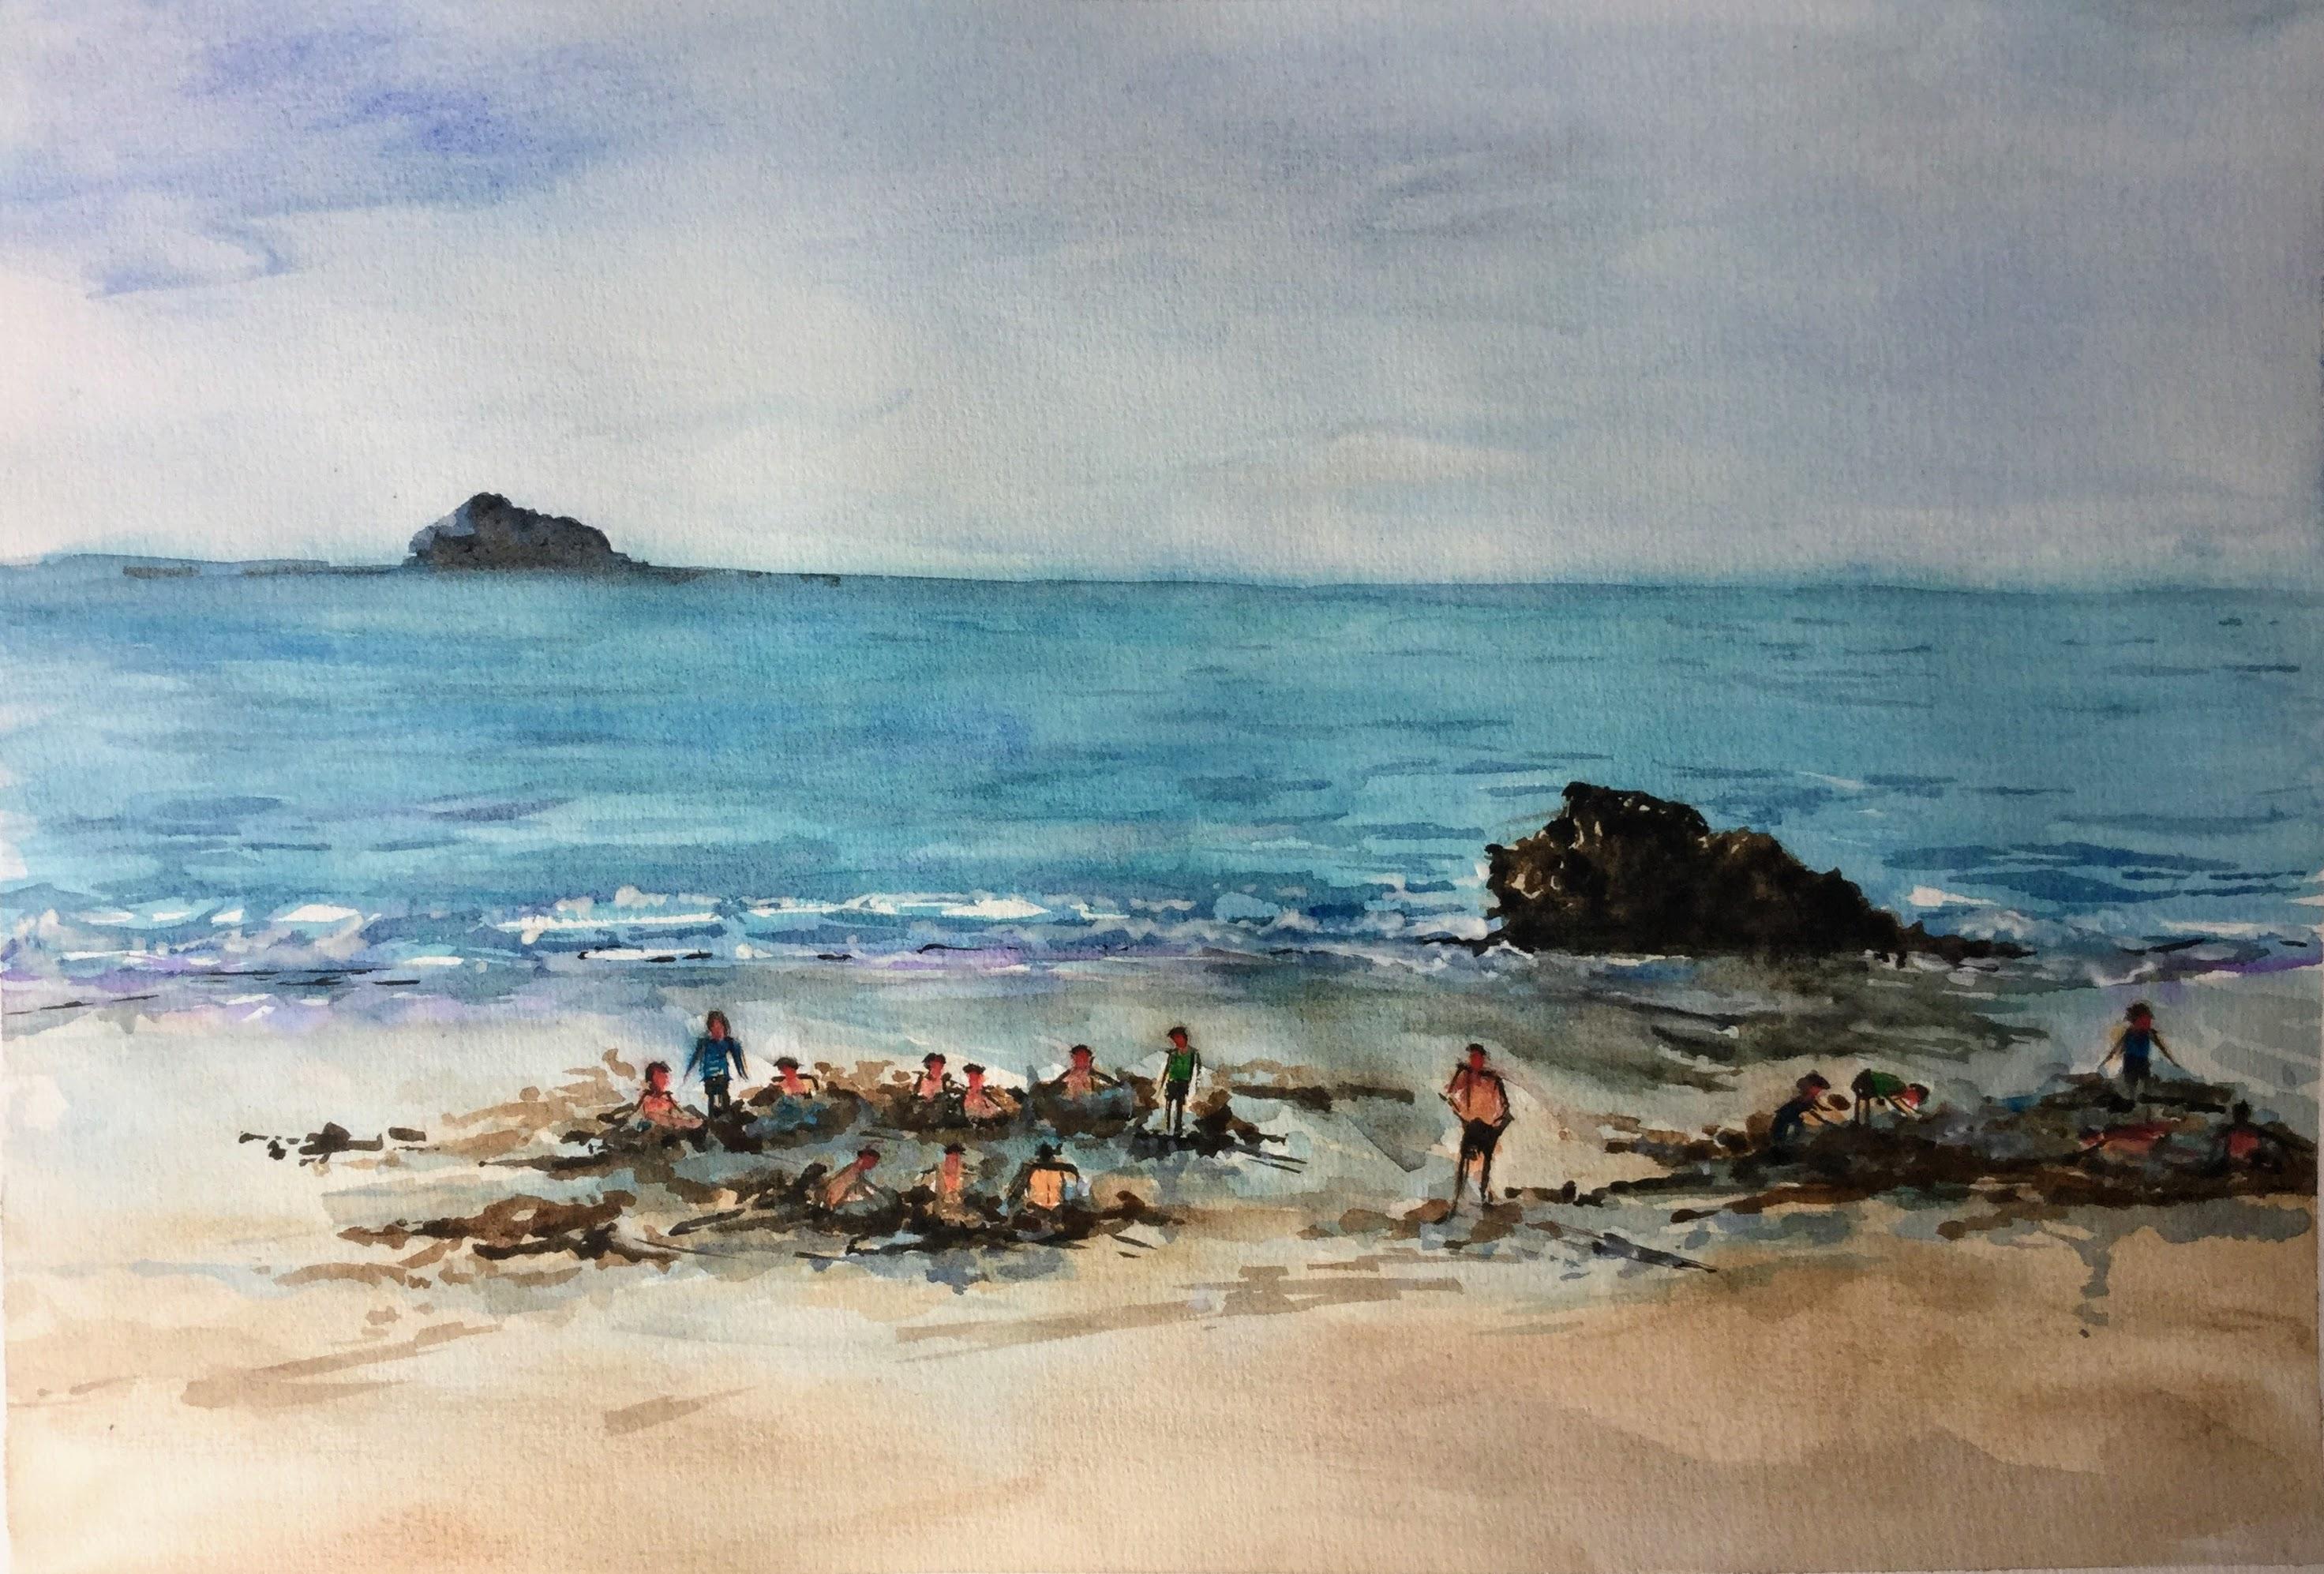 Hot Water Beach - Coromandel NZ